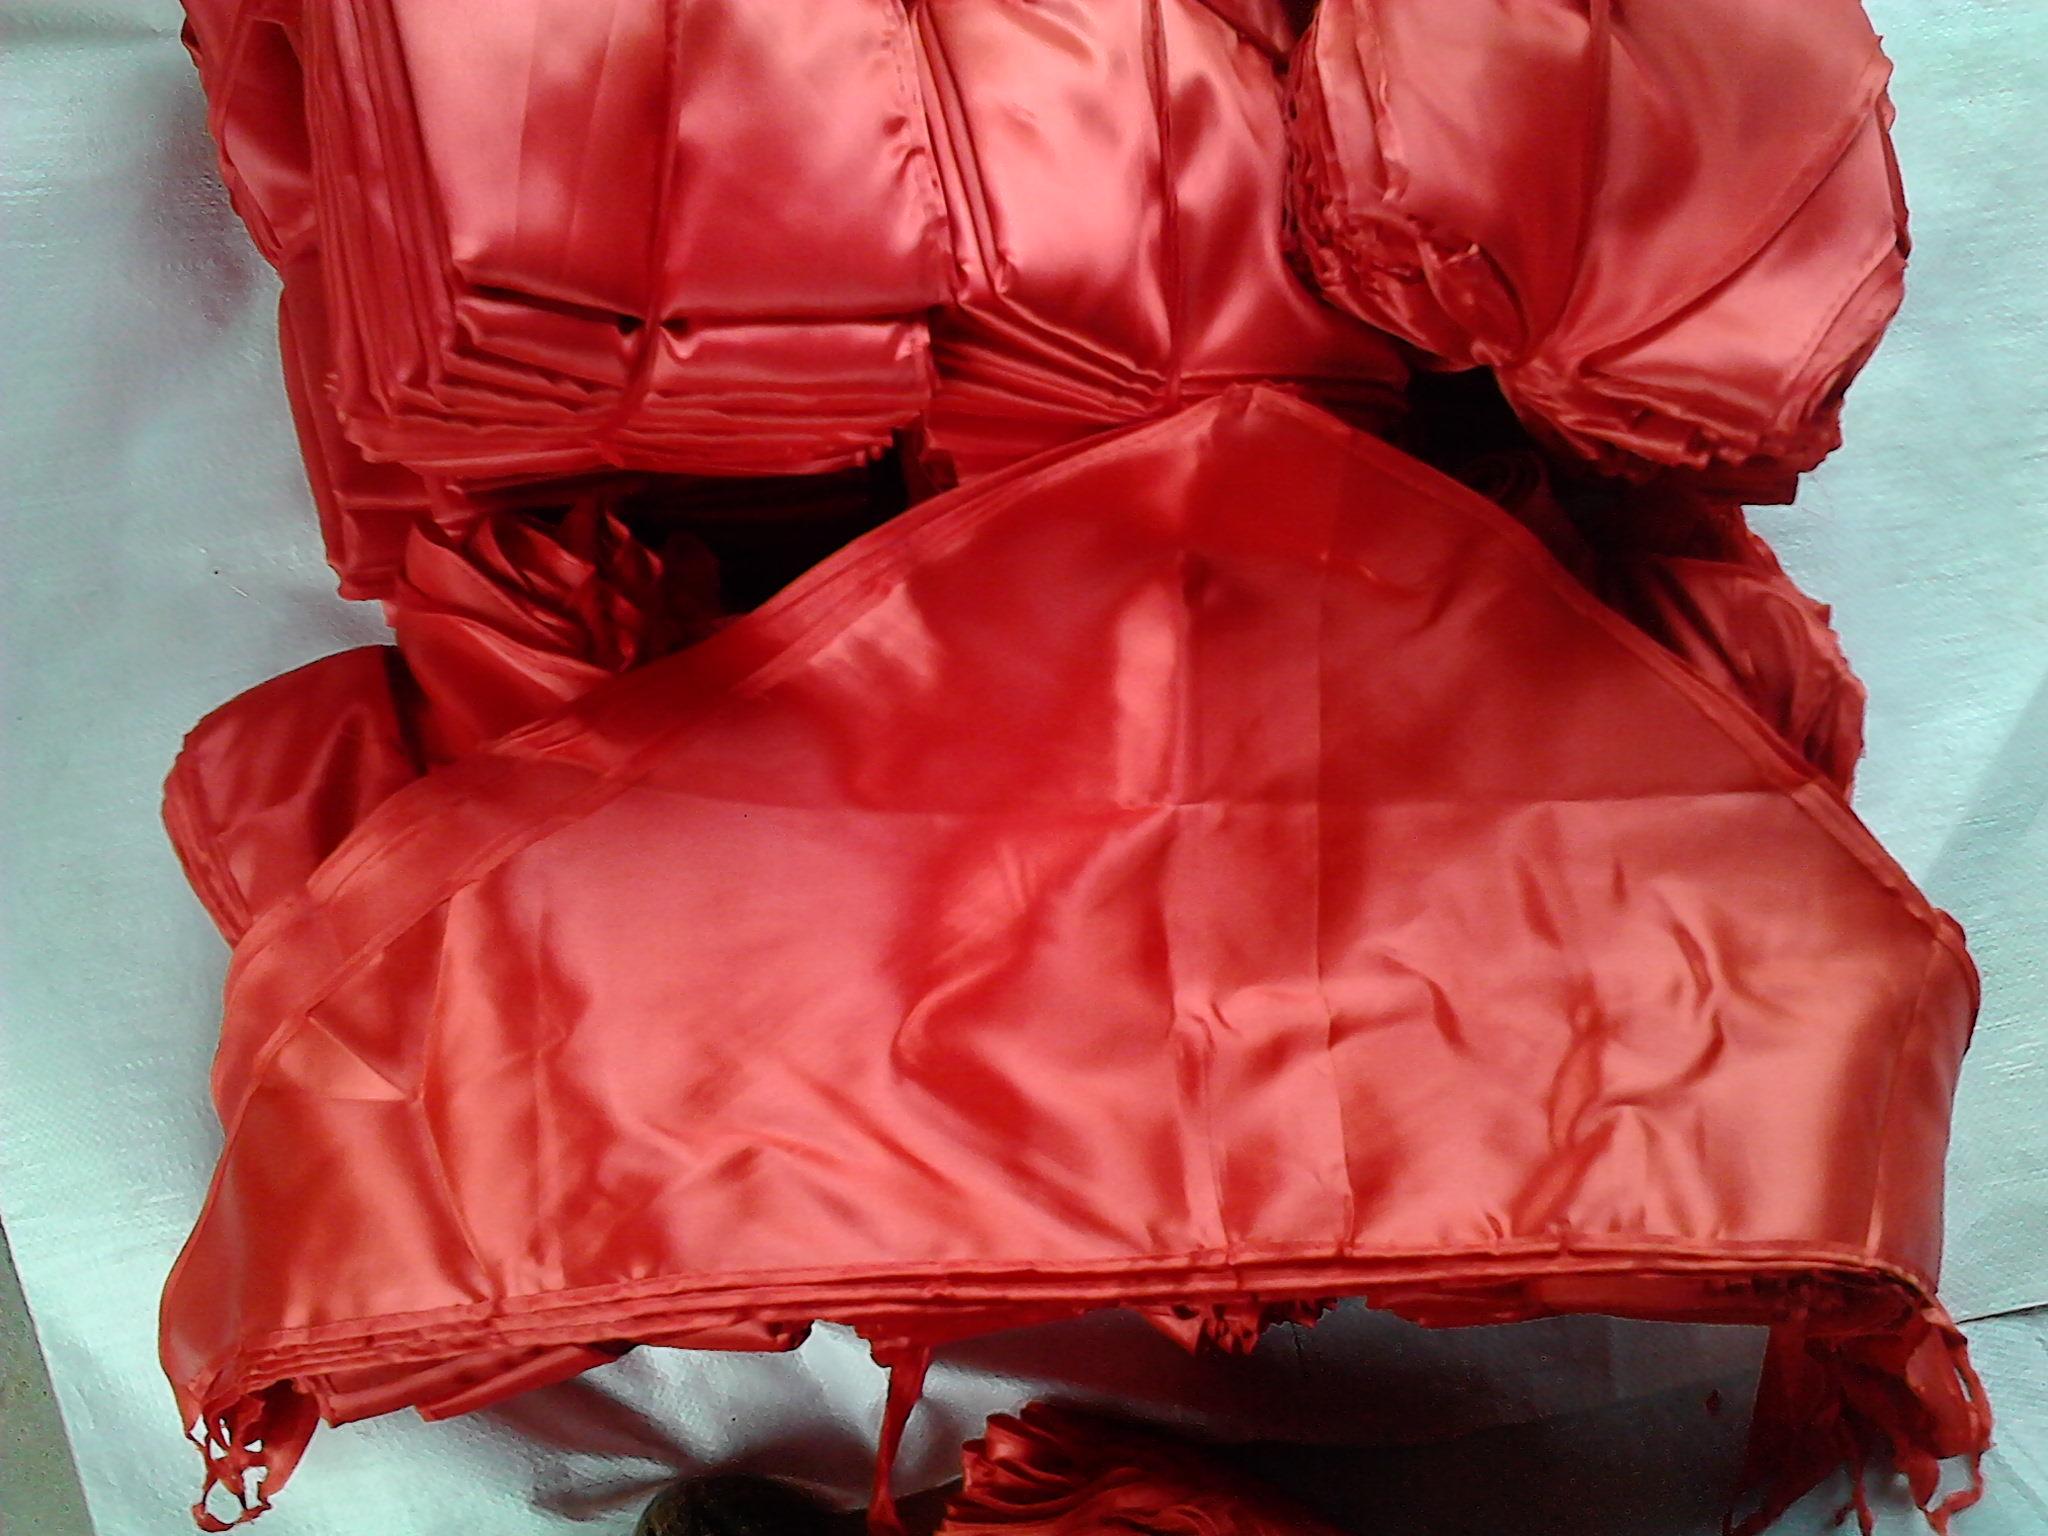 老款红绸缎被面图片_全新桃红色丝绸被面_七七八八布艺